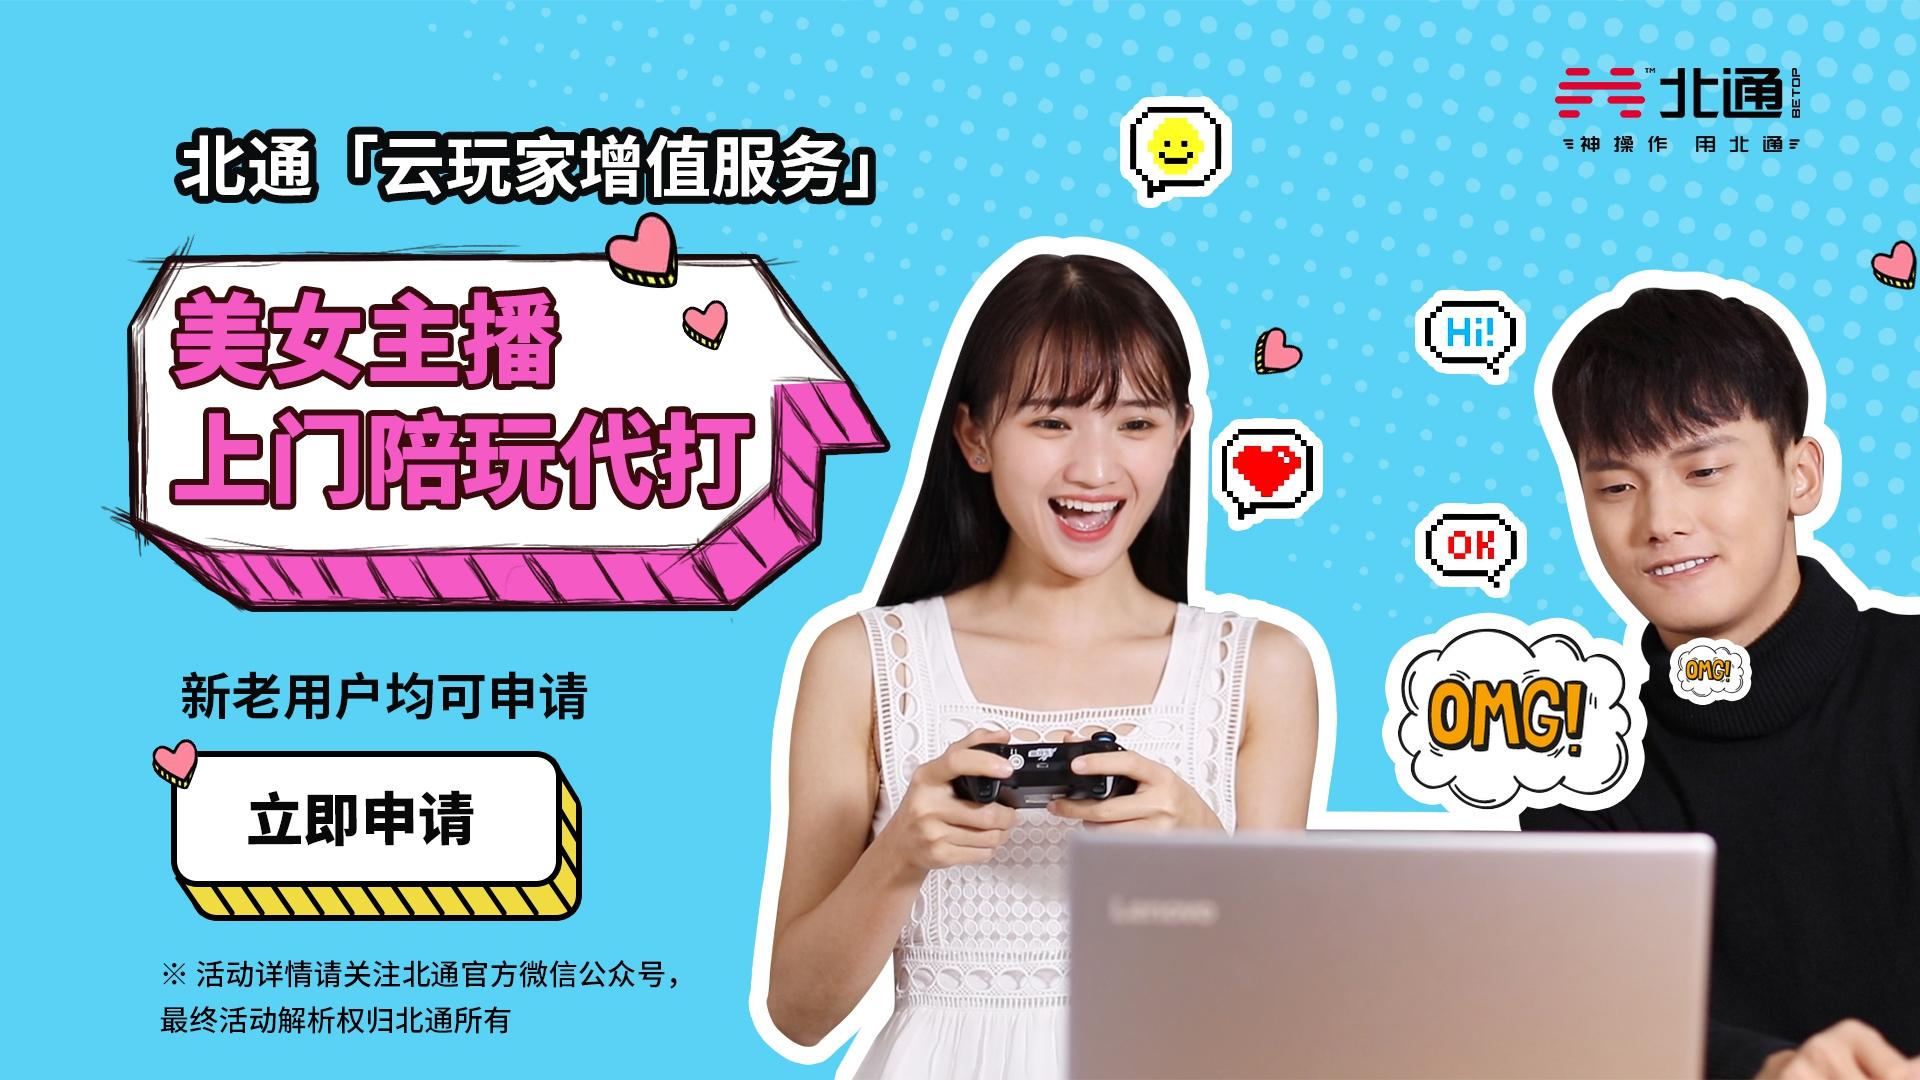 北通云玩家增值服务上线,手柄用户立刻体验!!